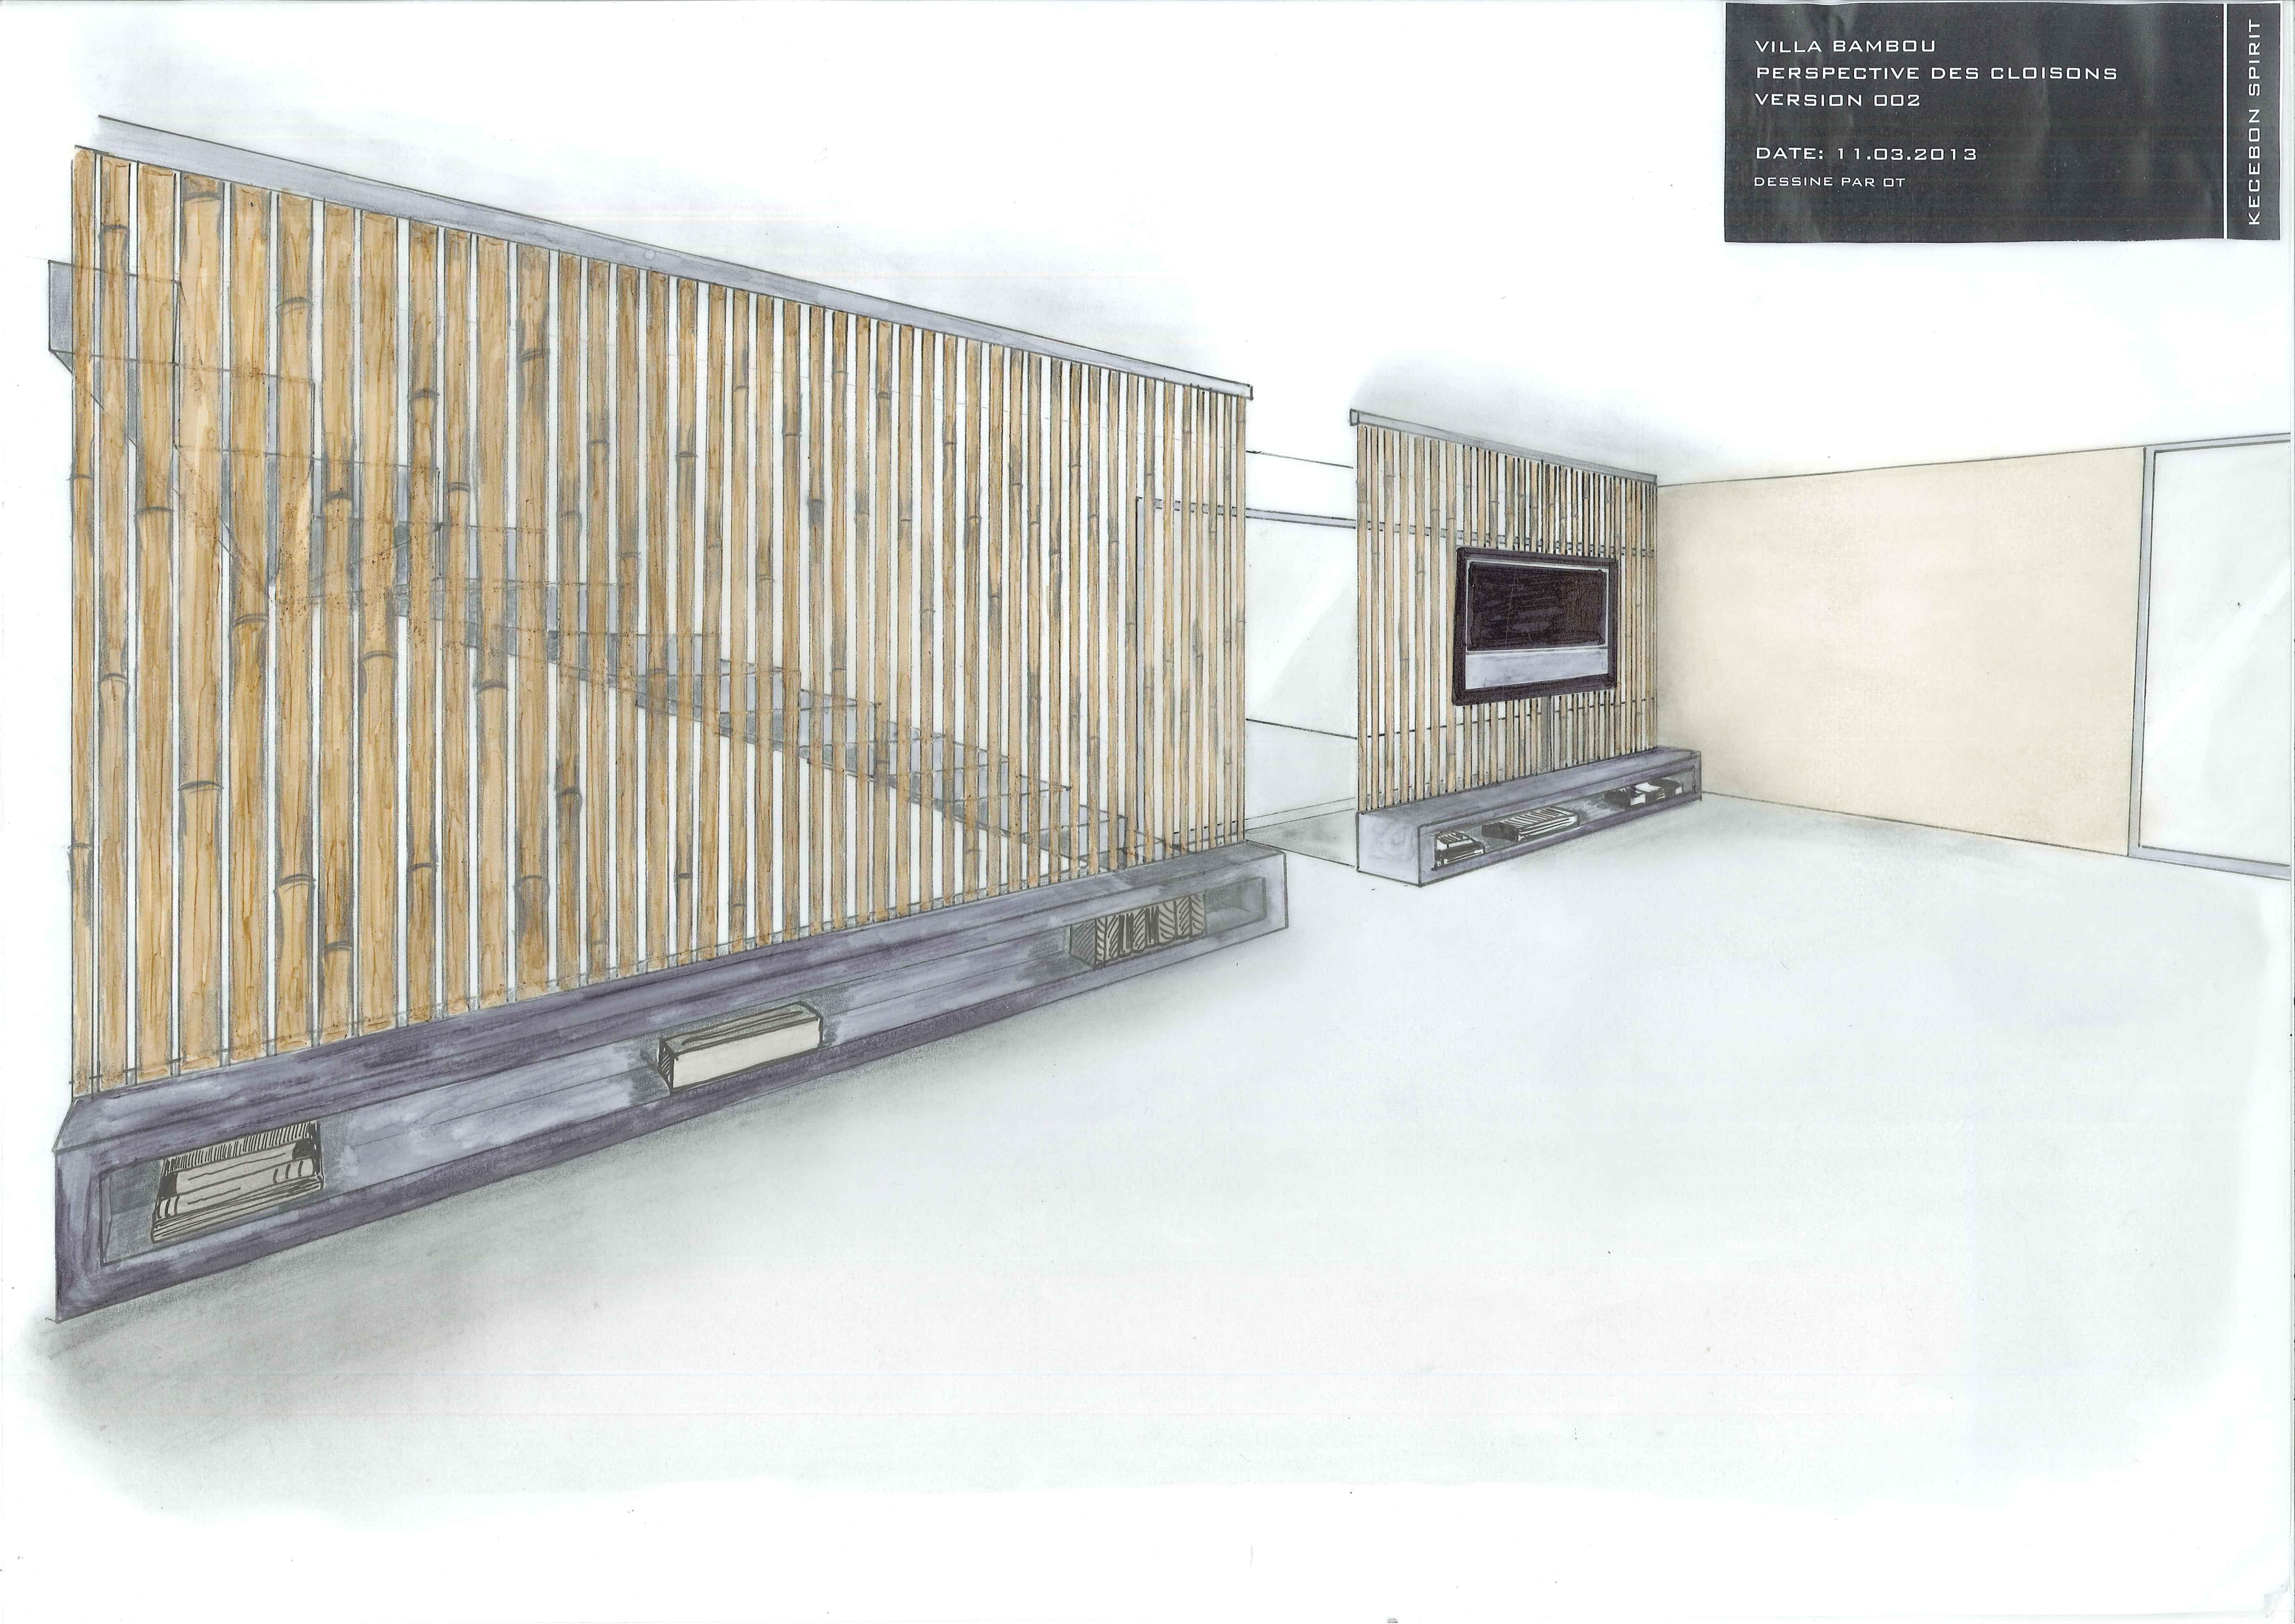 Planche réalisée dans le cadre du cours de Dimitri Psiuk.